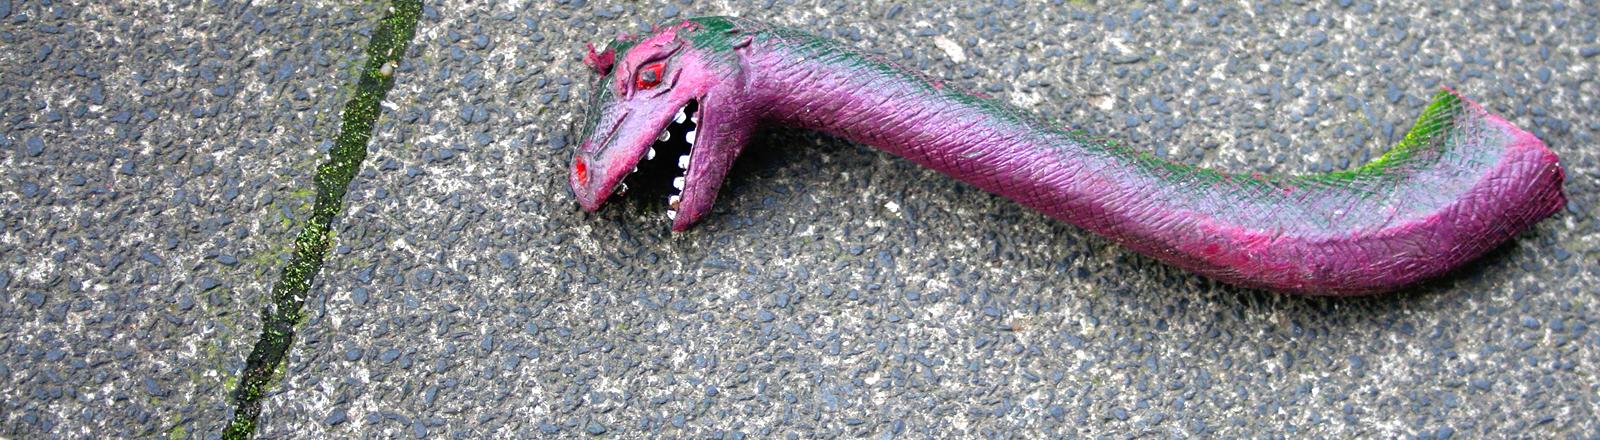 Kopf mit Hals von Spielzeugdino auf dem Asphalt.